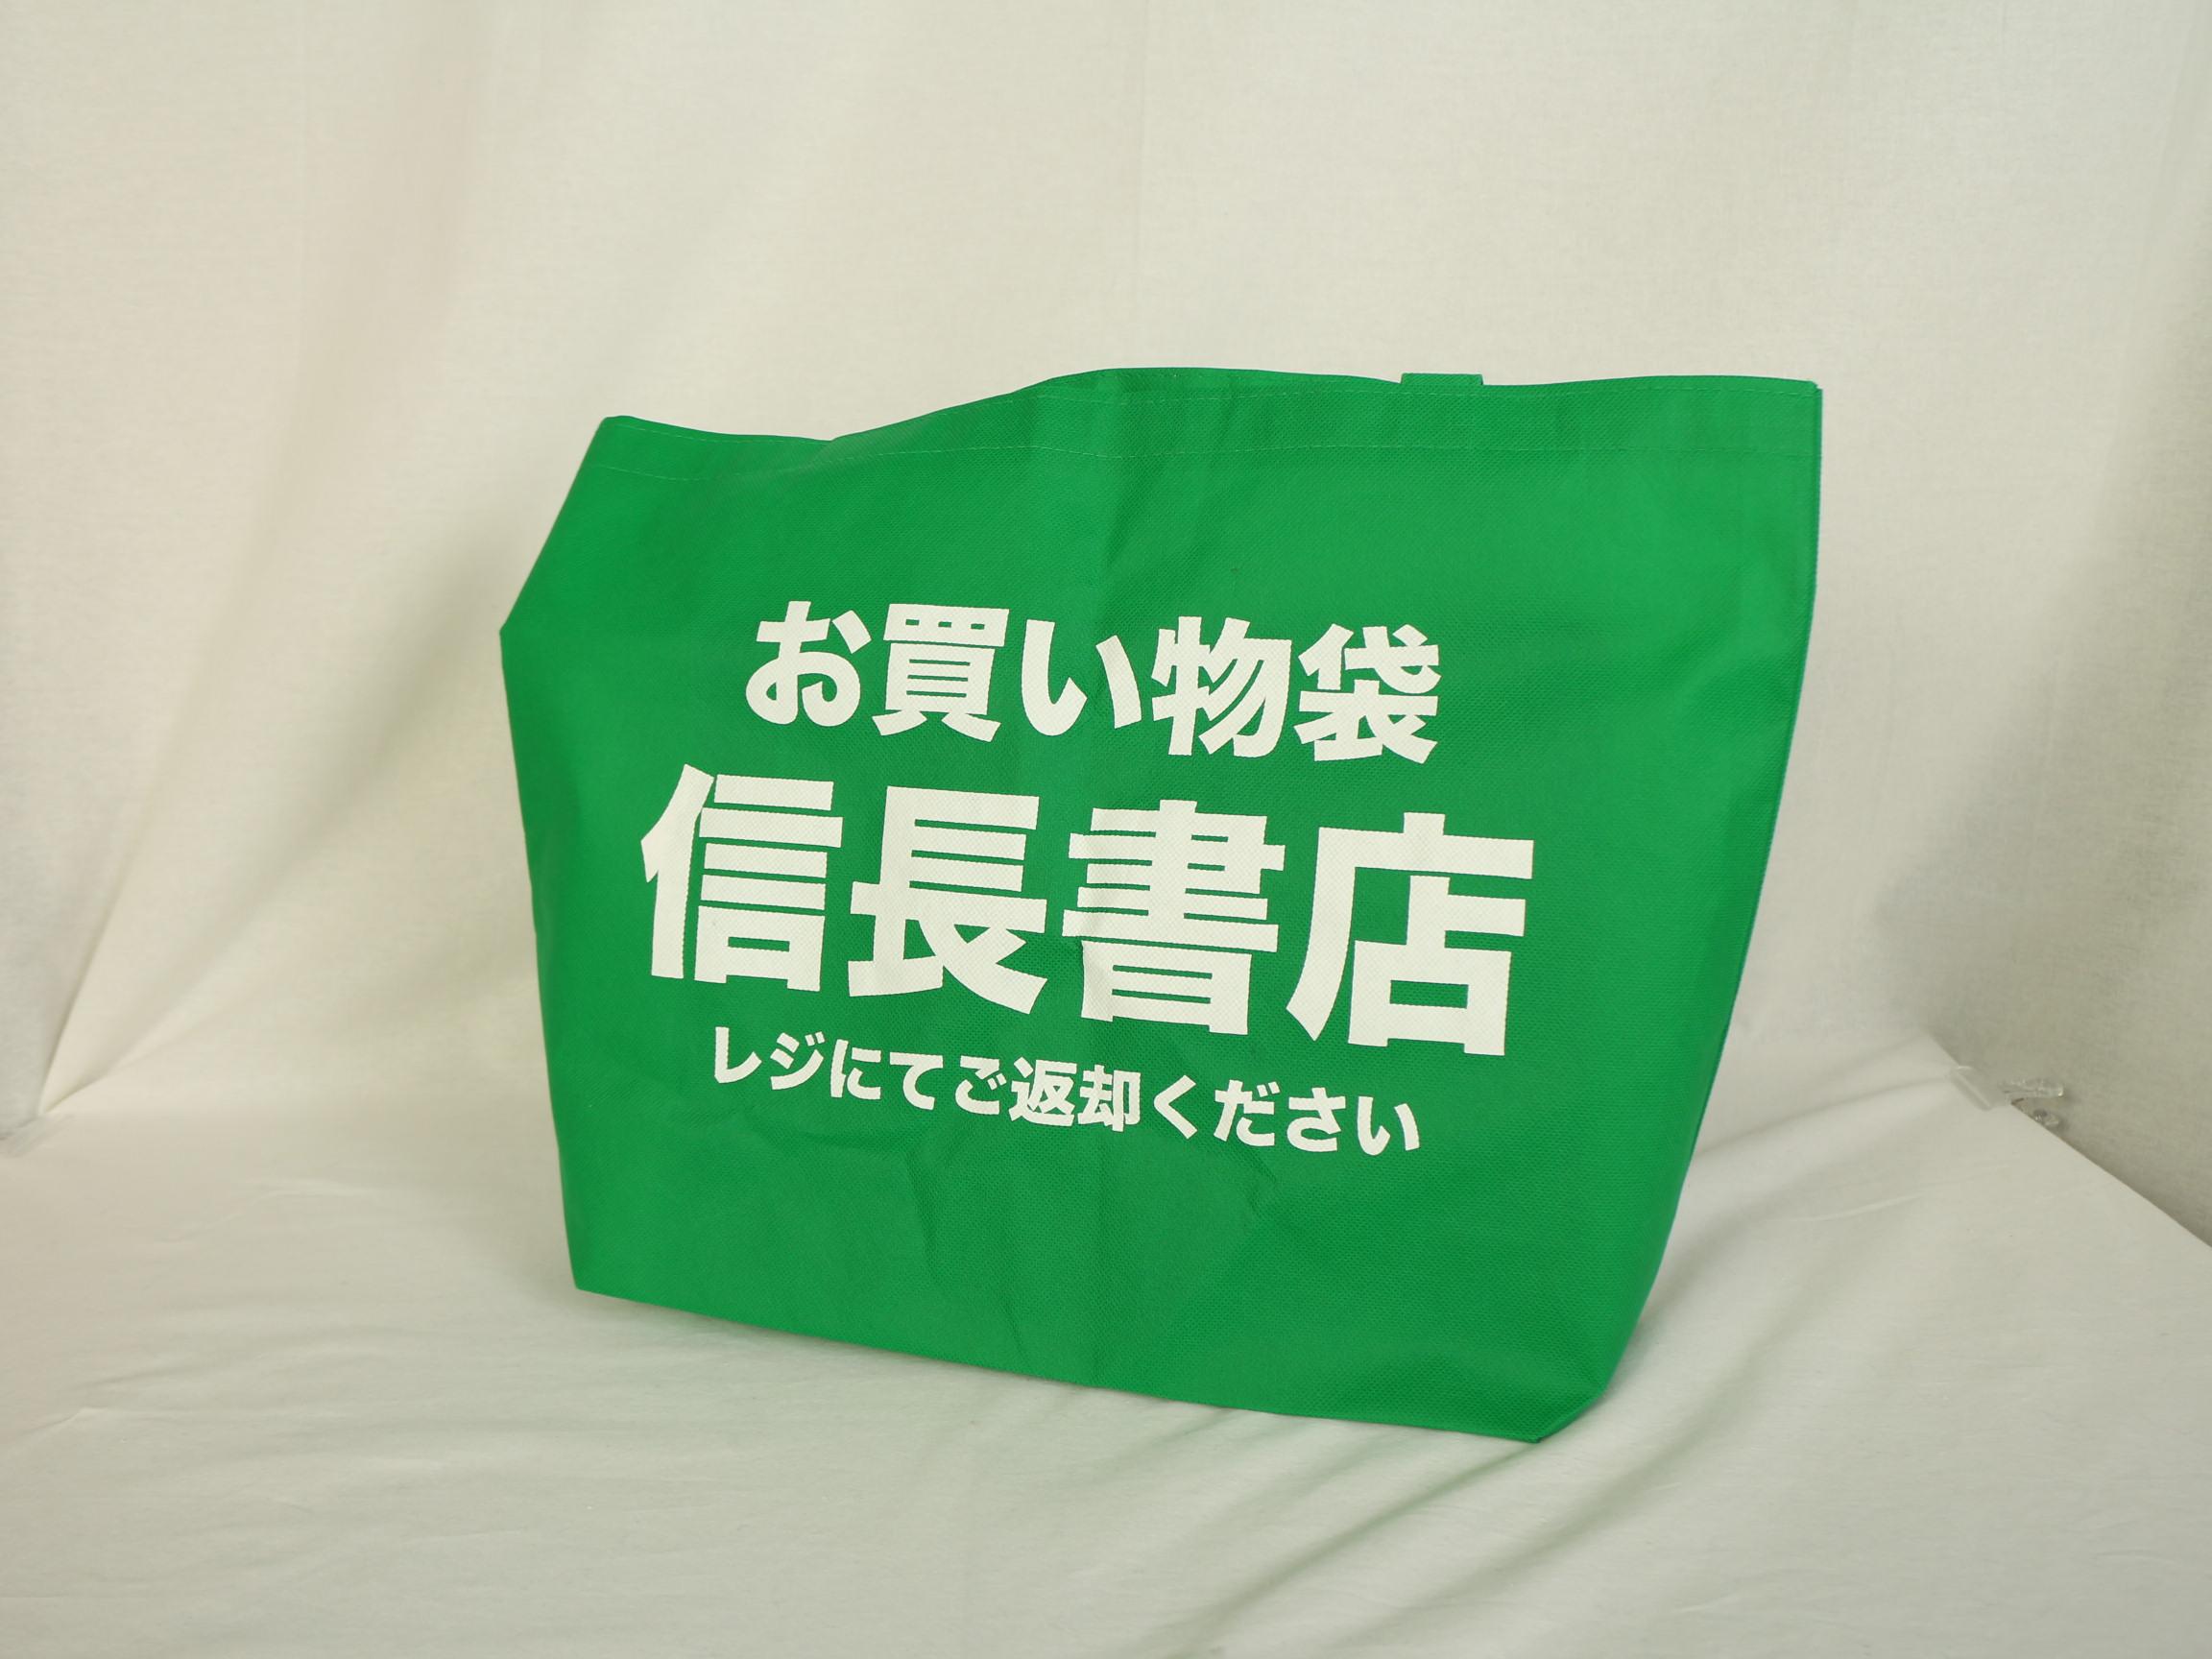 ホビーショップ様のオリジナル不織布バッグ